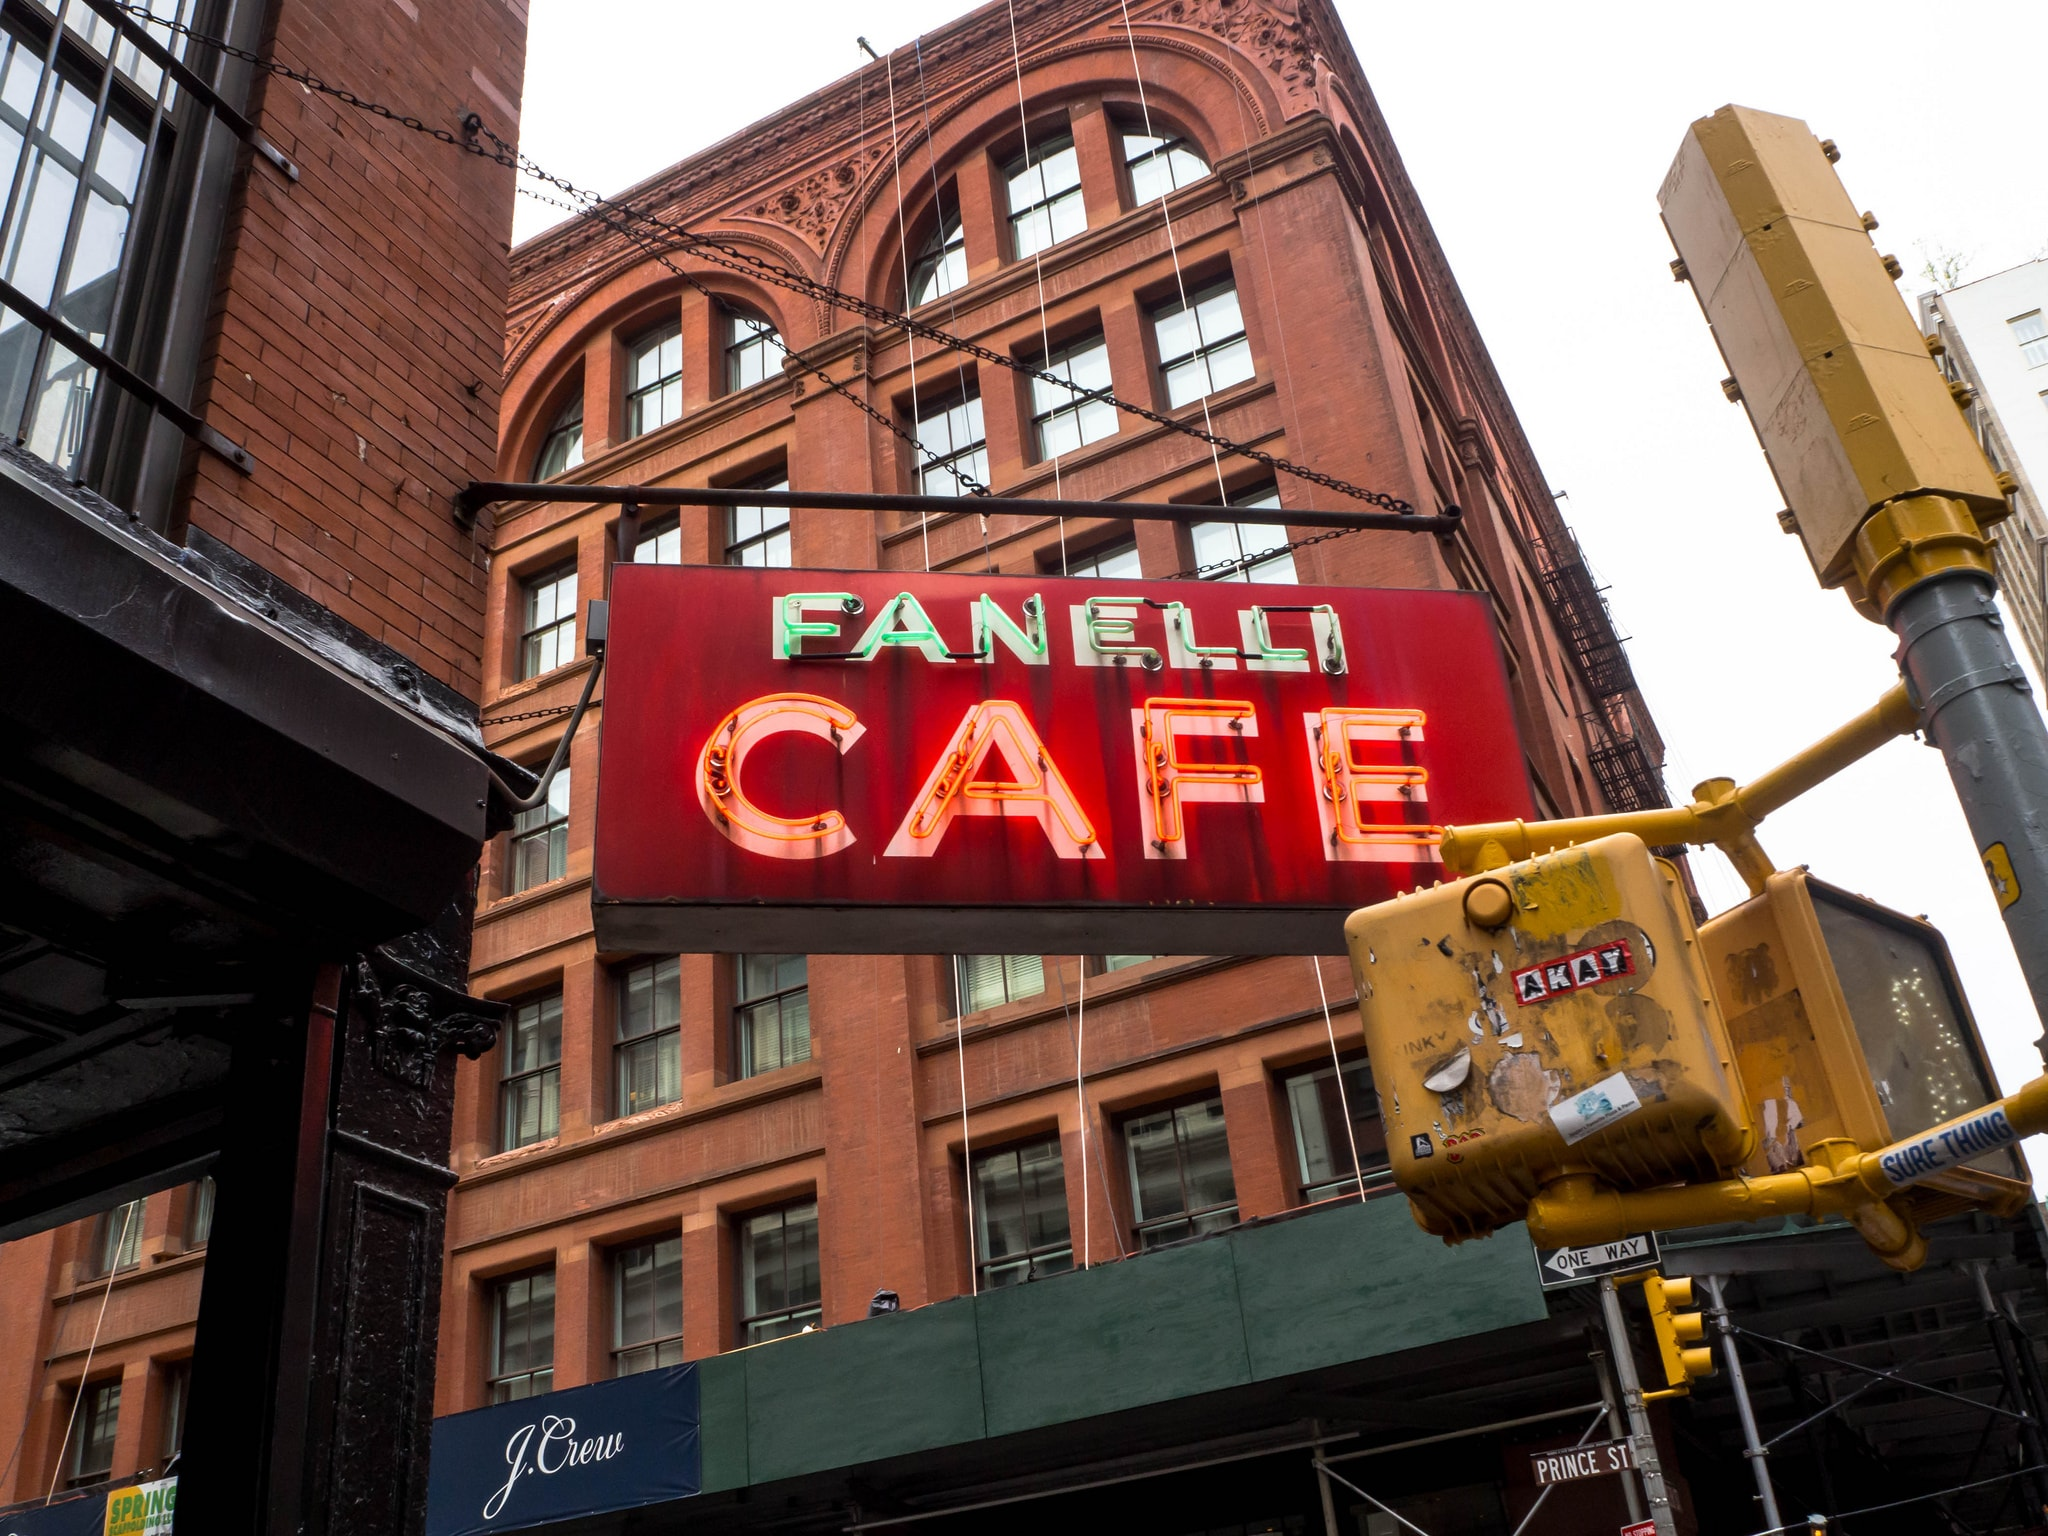 Fanelli Cafe | Anthony Flickr